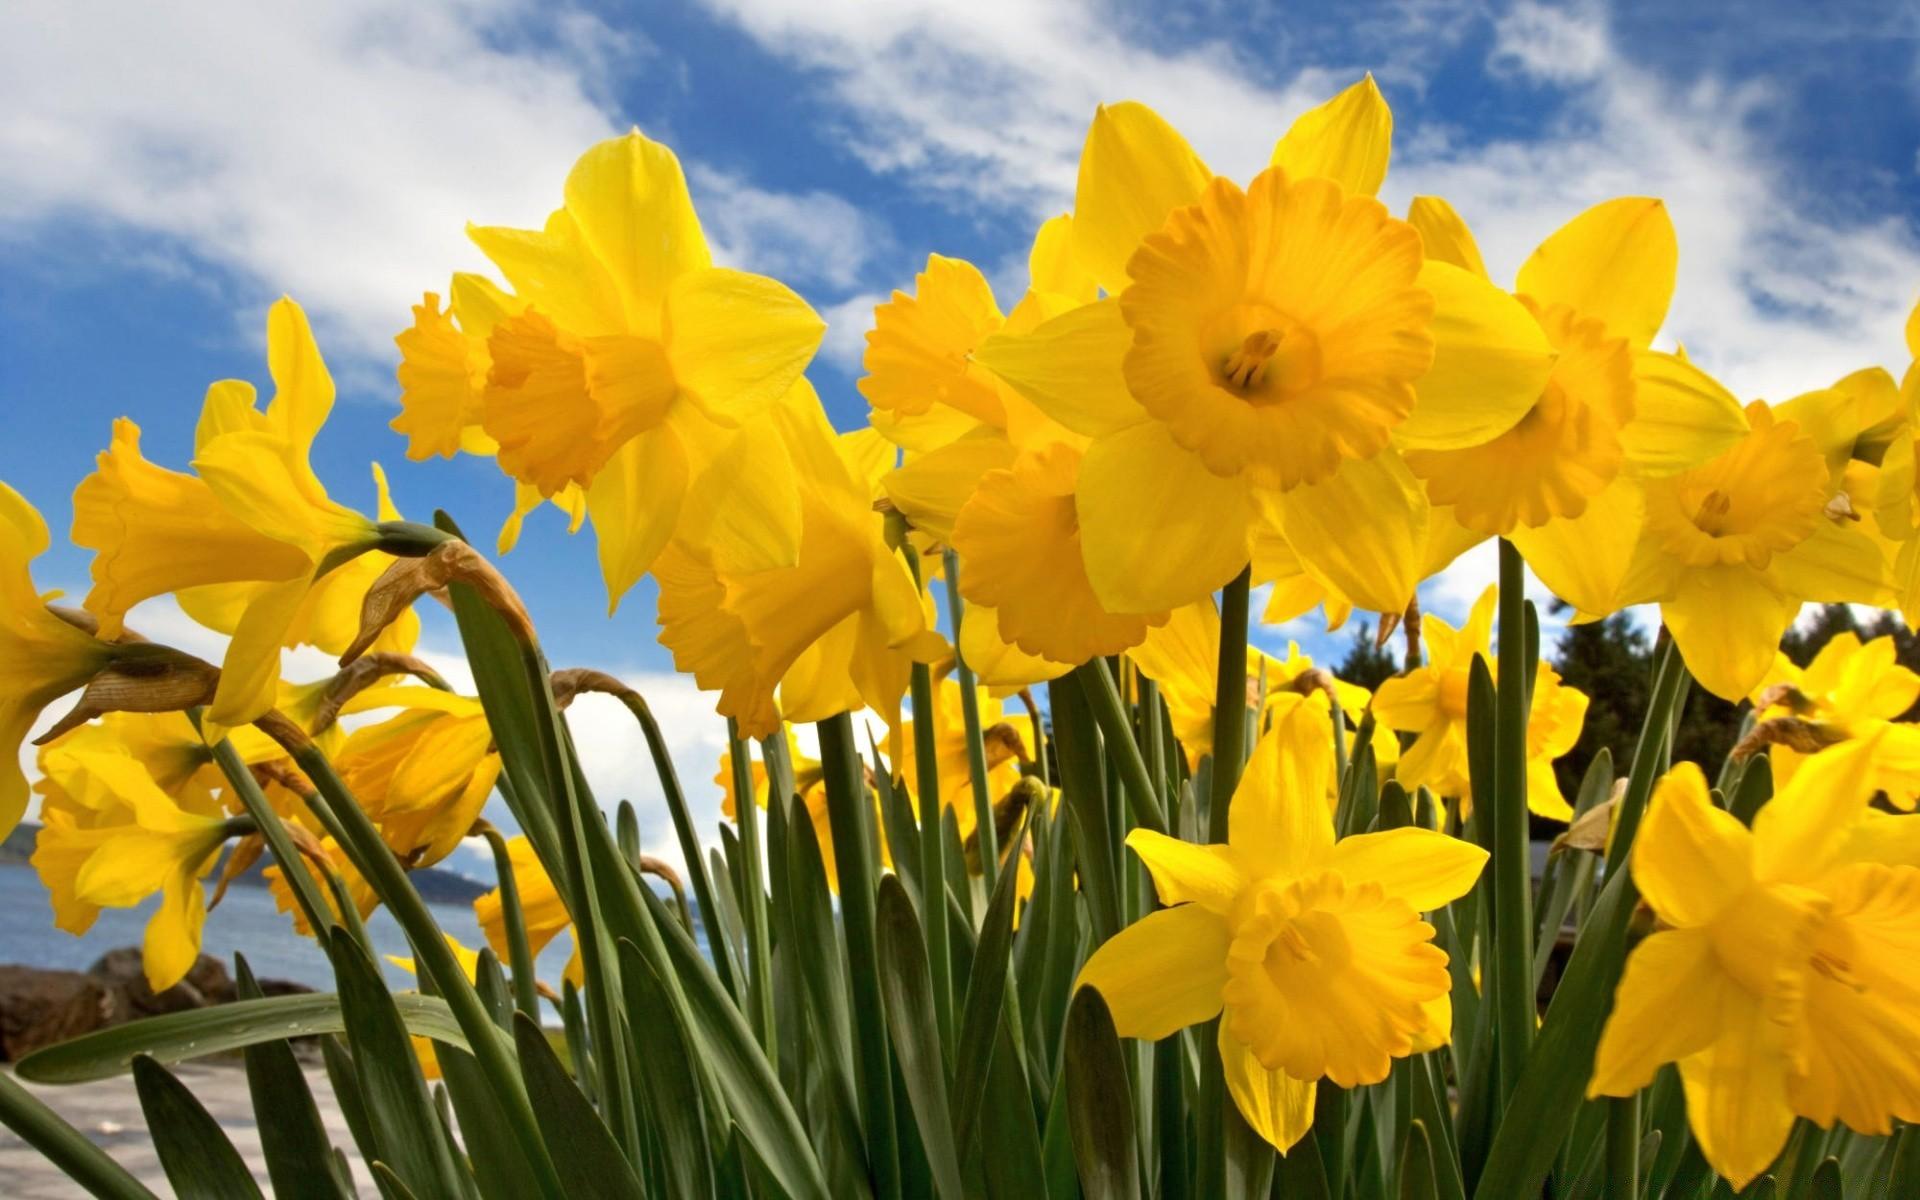 Цветы желтые весна бесплатно